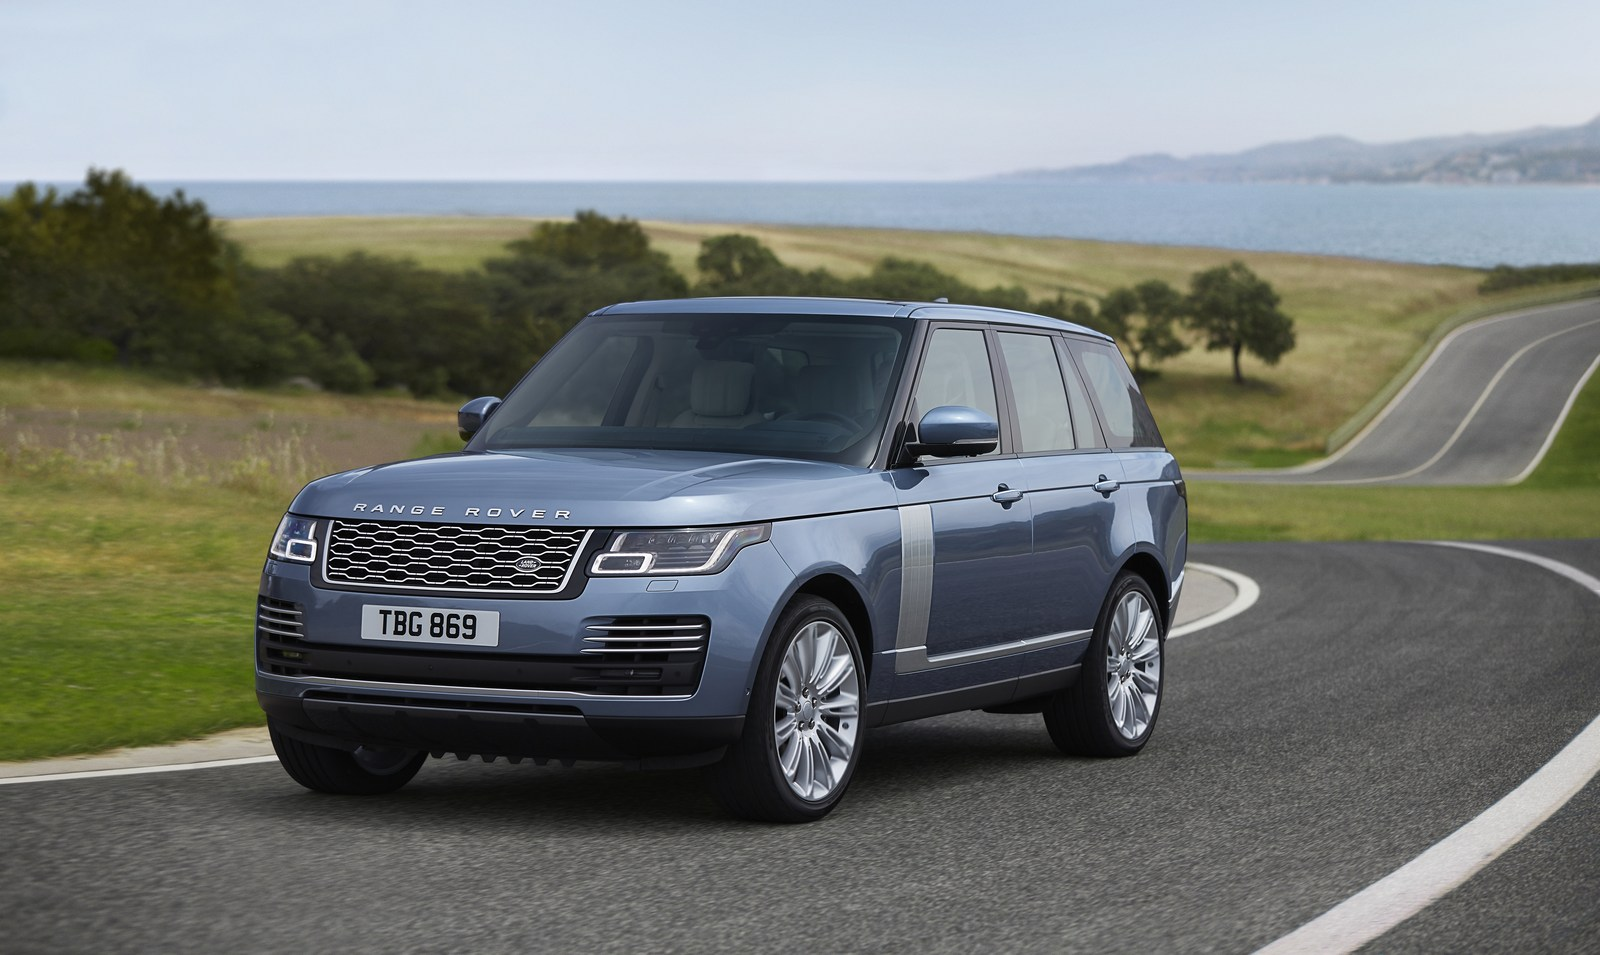 Jaguar Land Rover Solihull plant